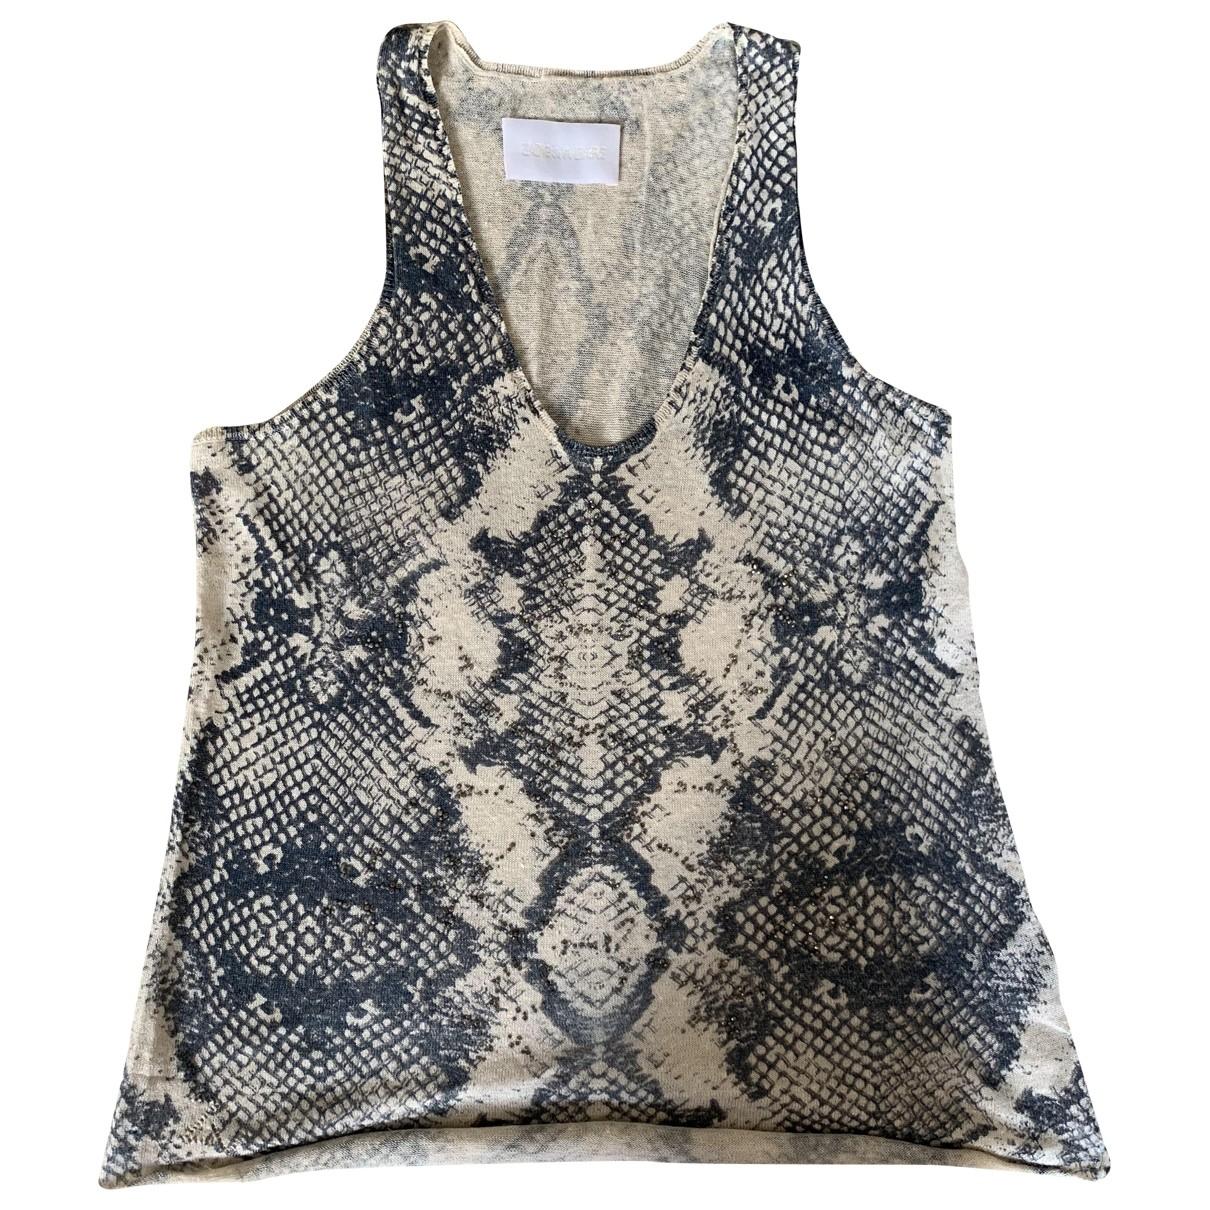 Zadig & Voltaire \N Beige Linen  top for Women XS International